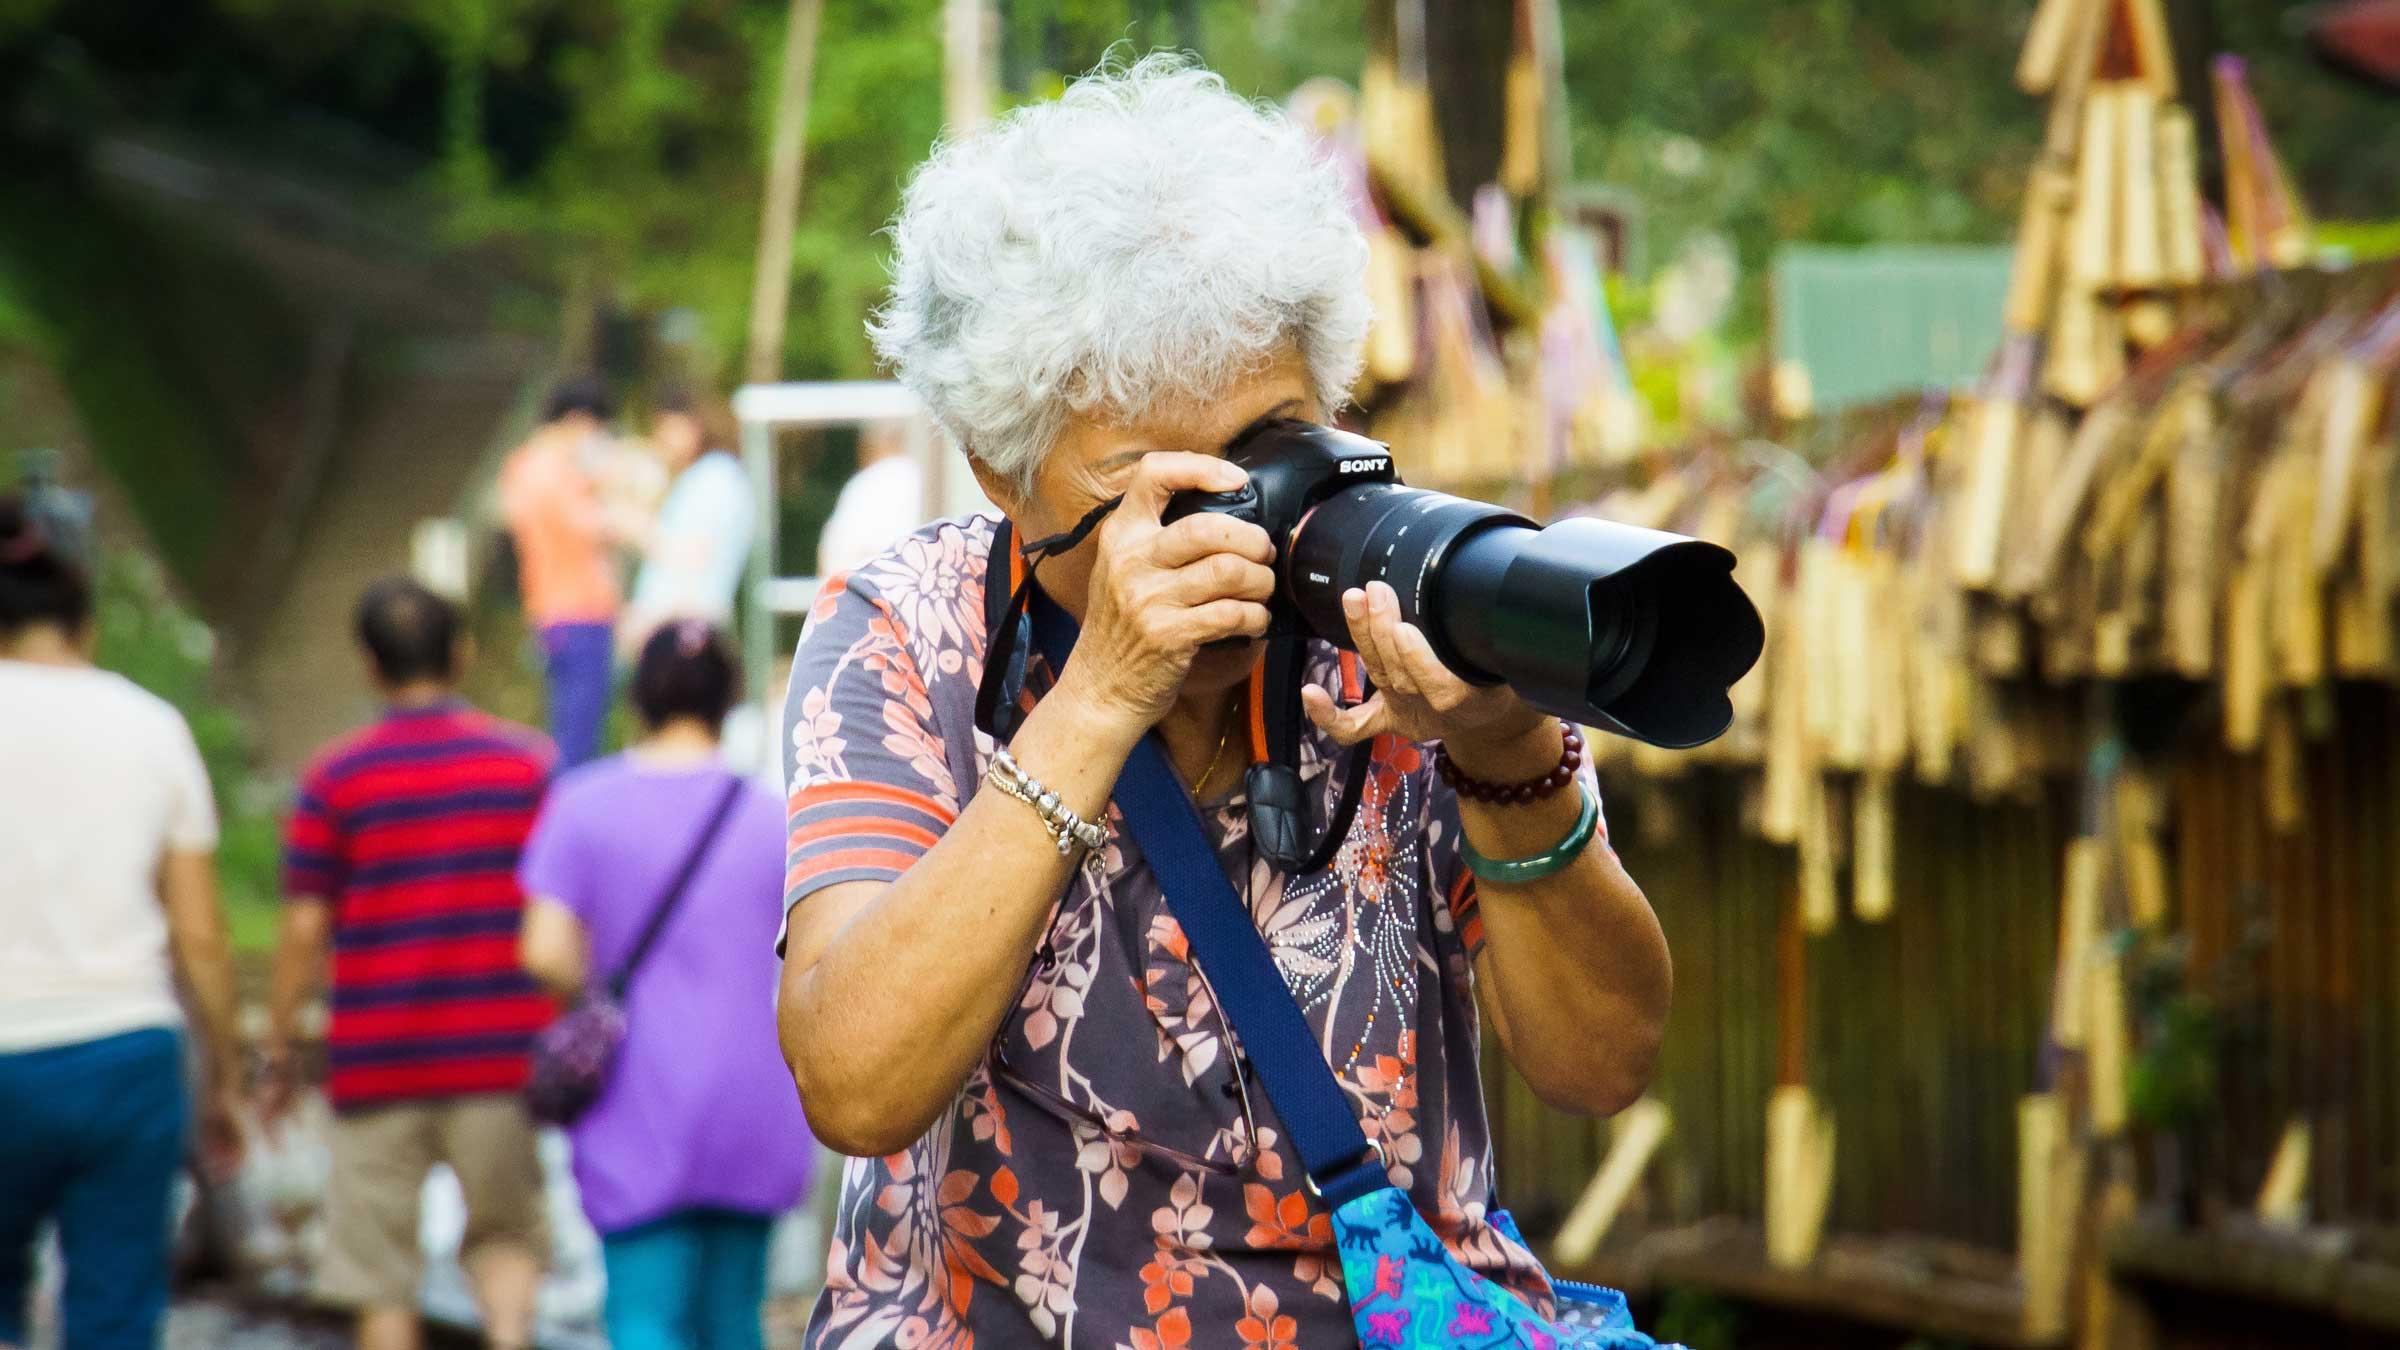 Vacanze per Anziani, Autosufficienti e Non ~ Consigli per i ...